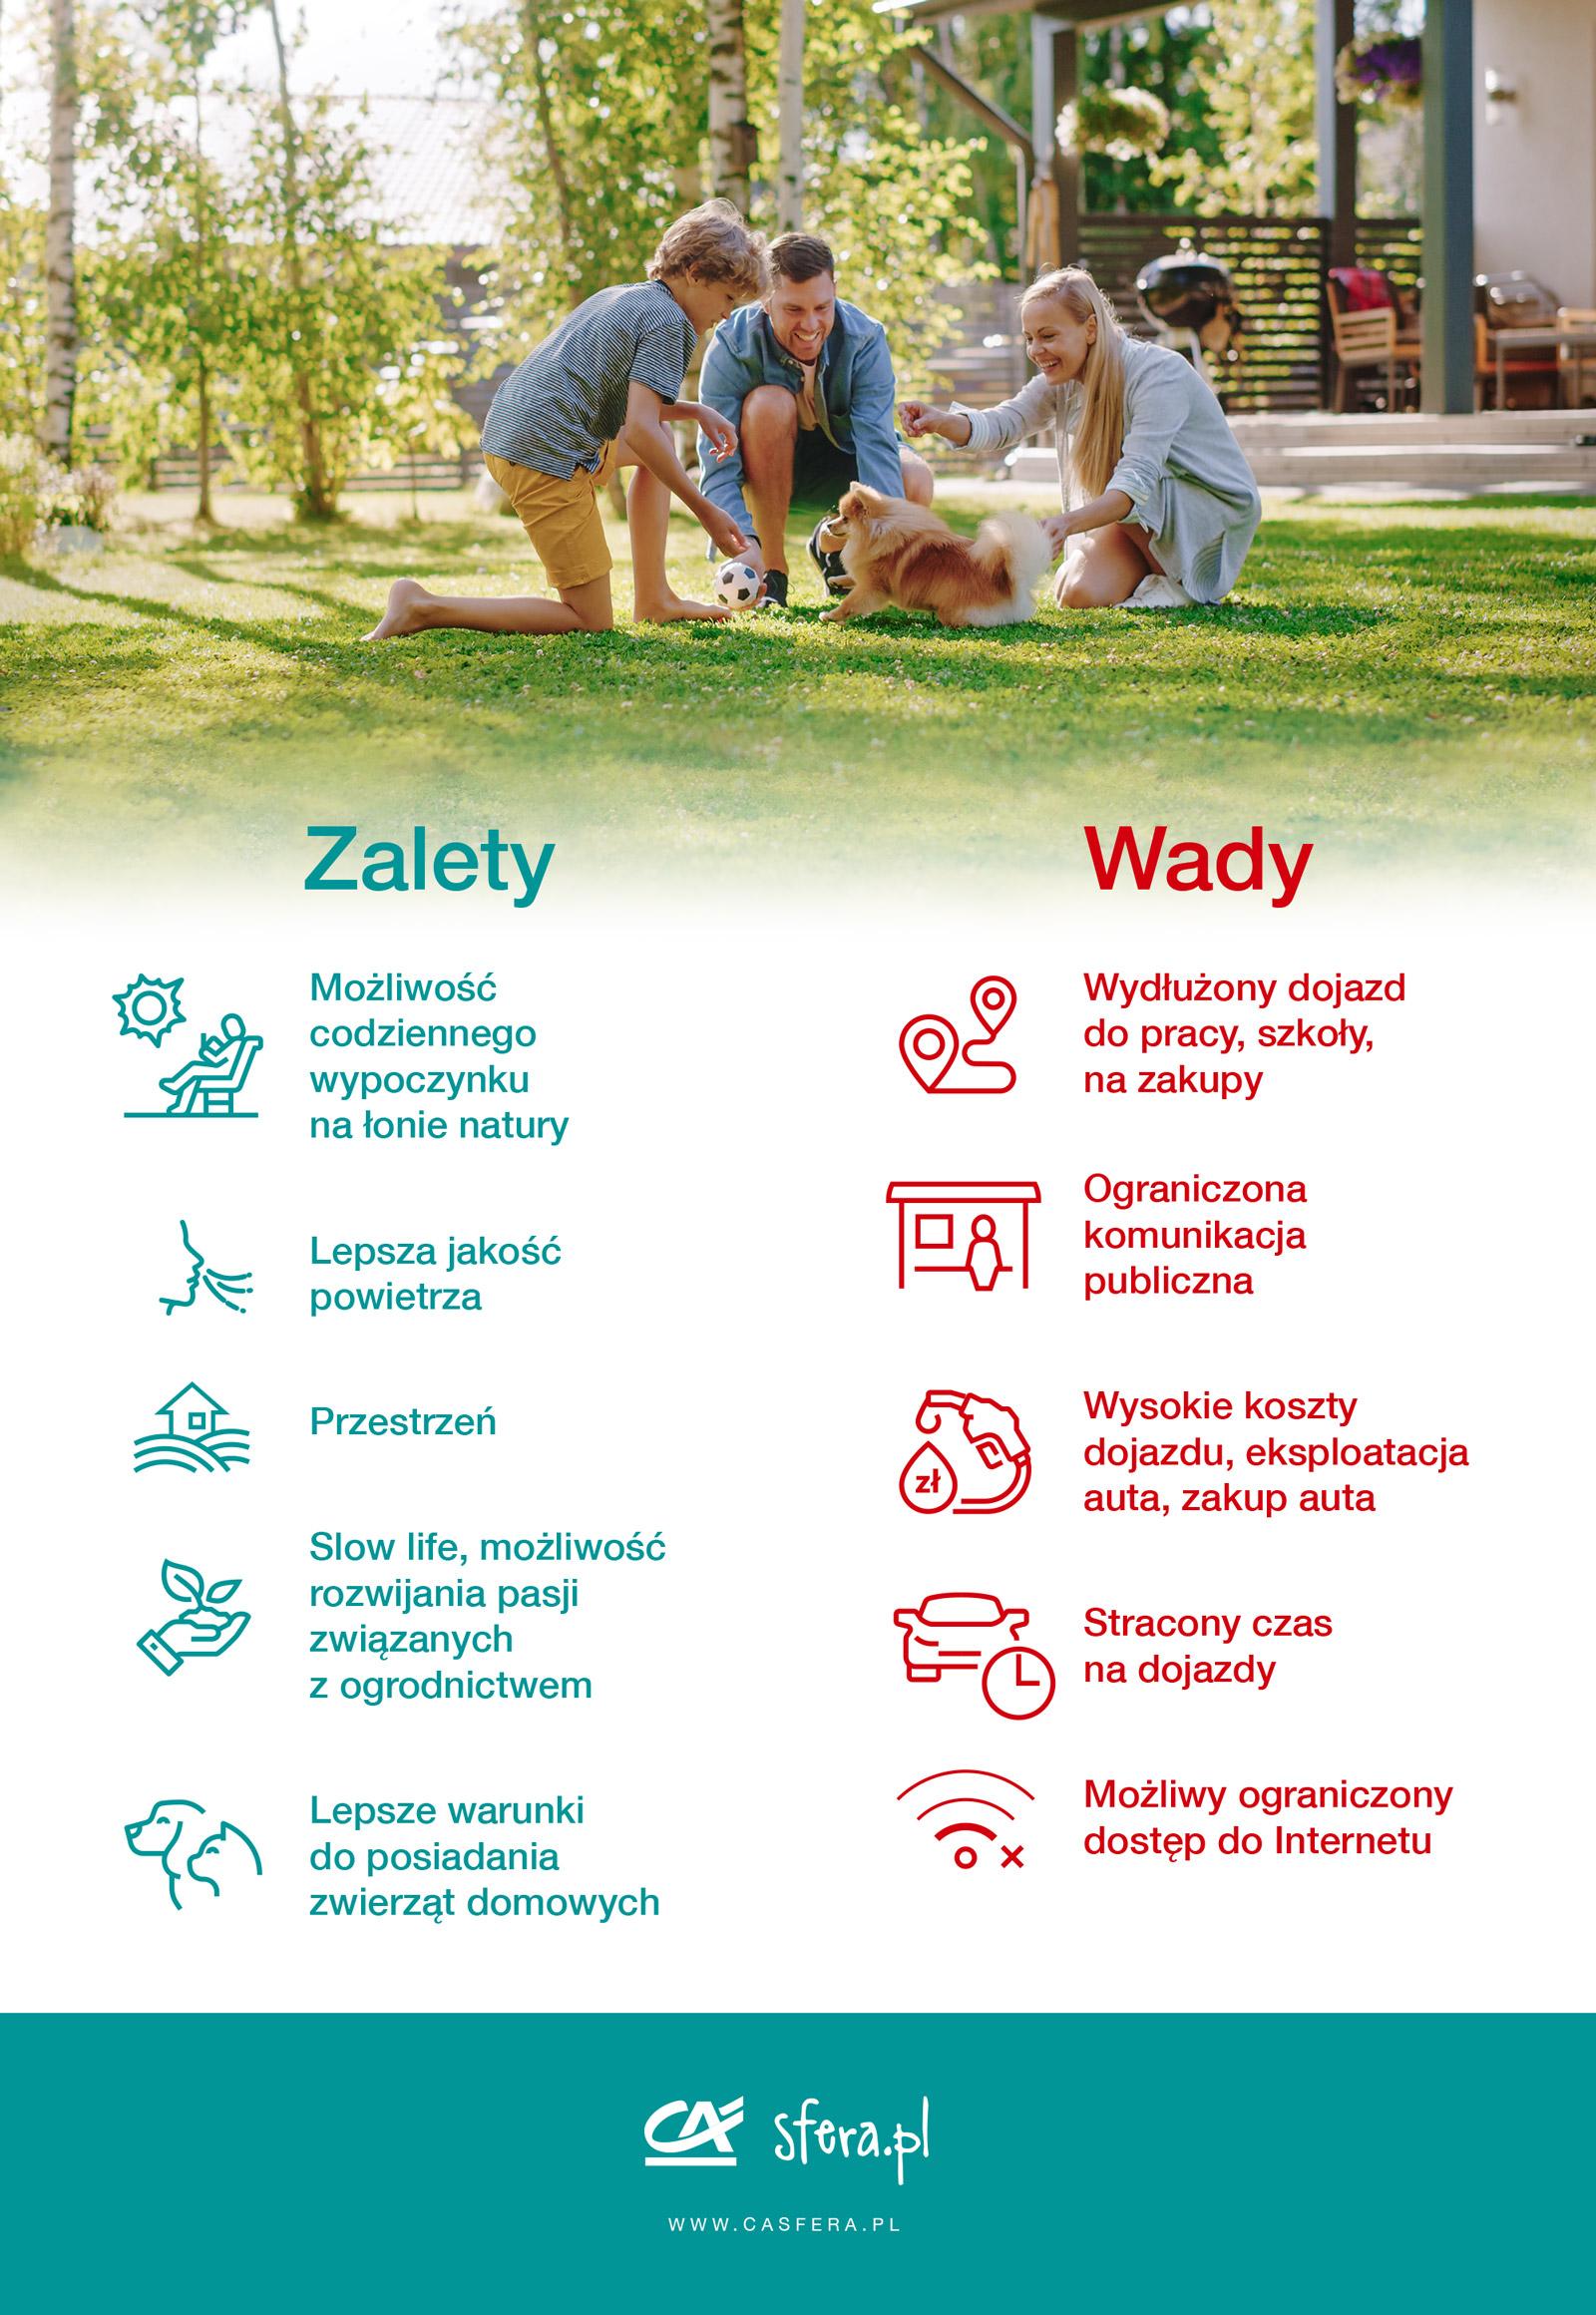 Plusy i minusy mieszkania za miastem - infografika